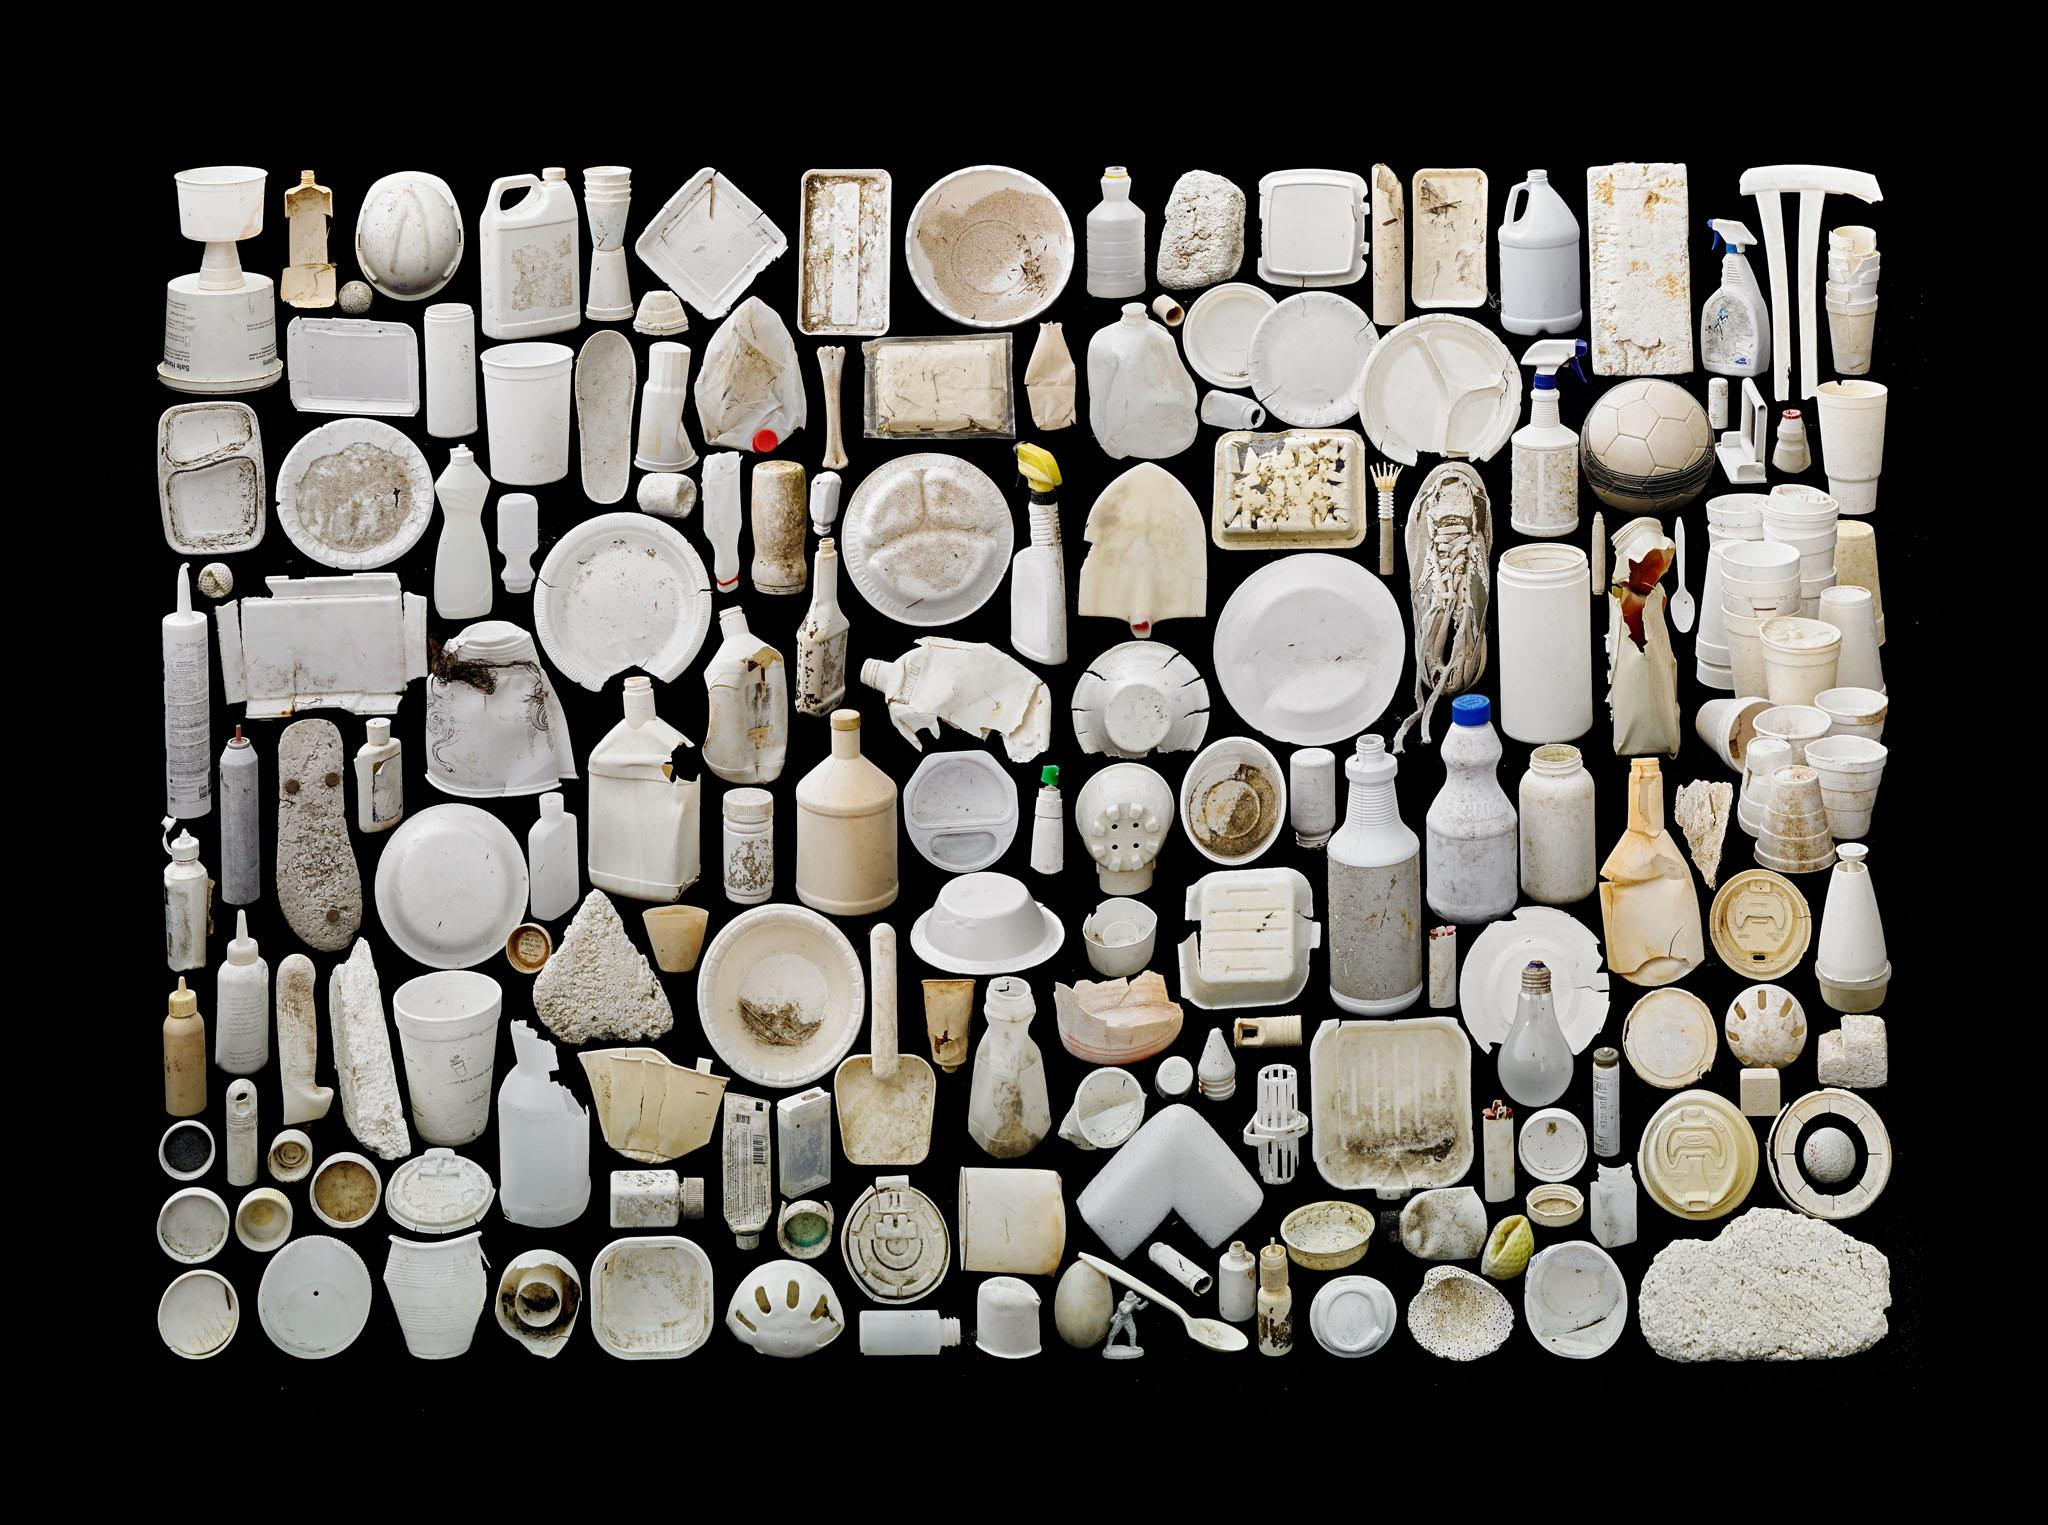 Пластиковых отходов так много, что их можно сортировать по цвету: фотопроект Барри Розенталя